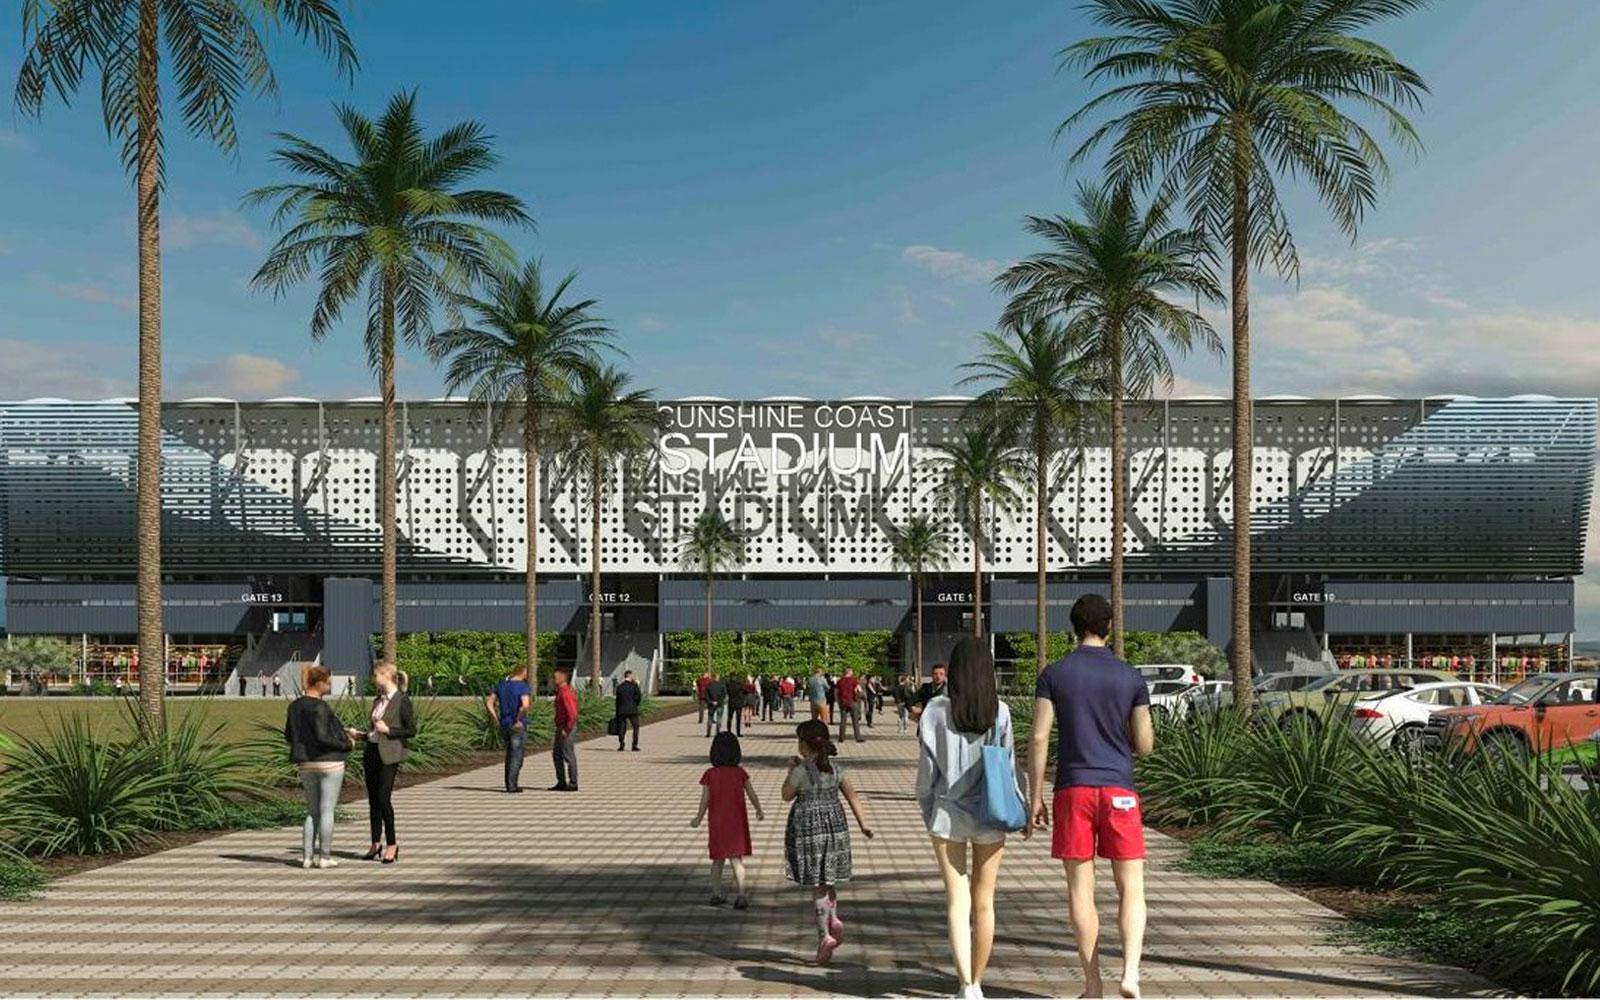 Sunshine Coast Stadium Olympics Brisbane